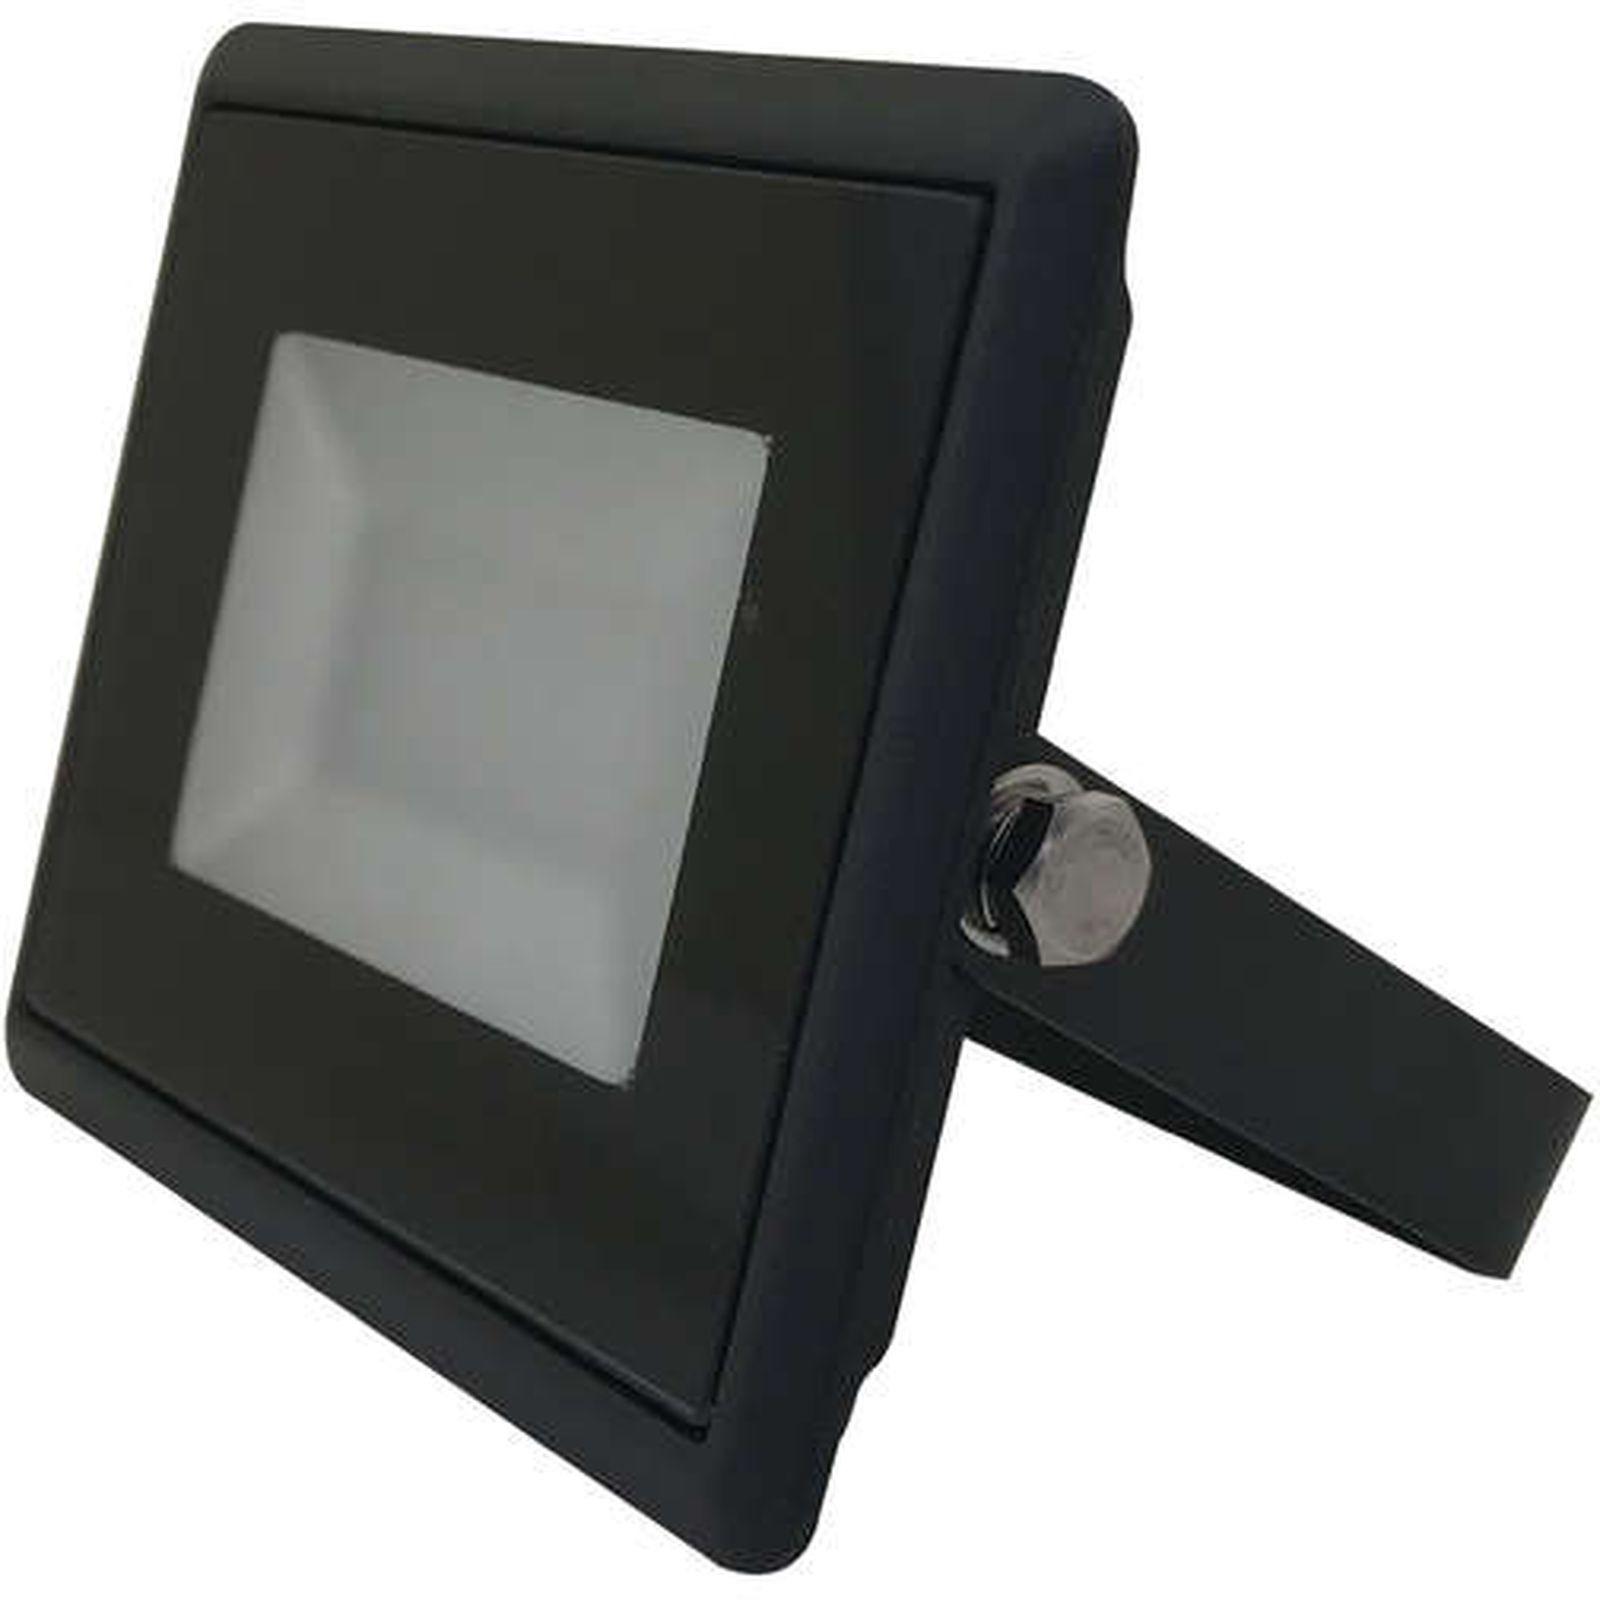 Прожектор Ledvance Osram Floodlight, 20 Вт, 1440 Лм, 4000 К прожектор галогеновый hl101wh